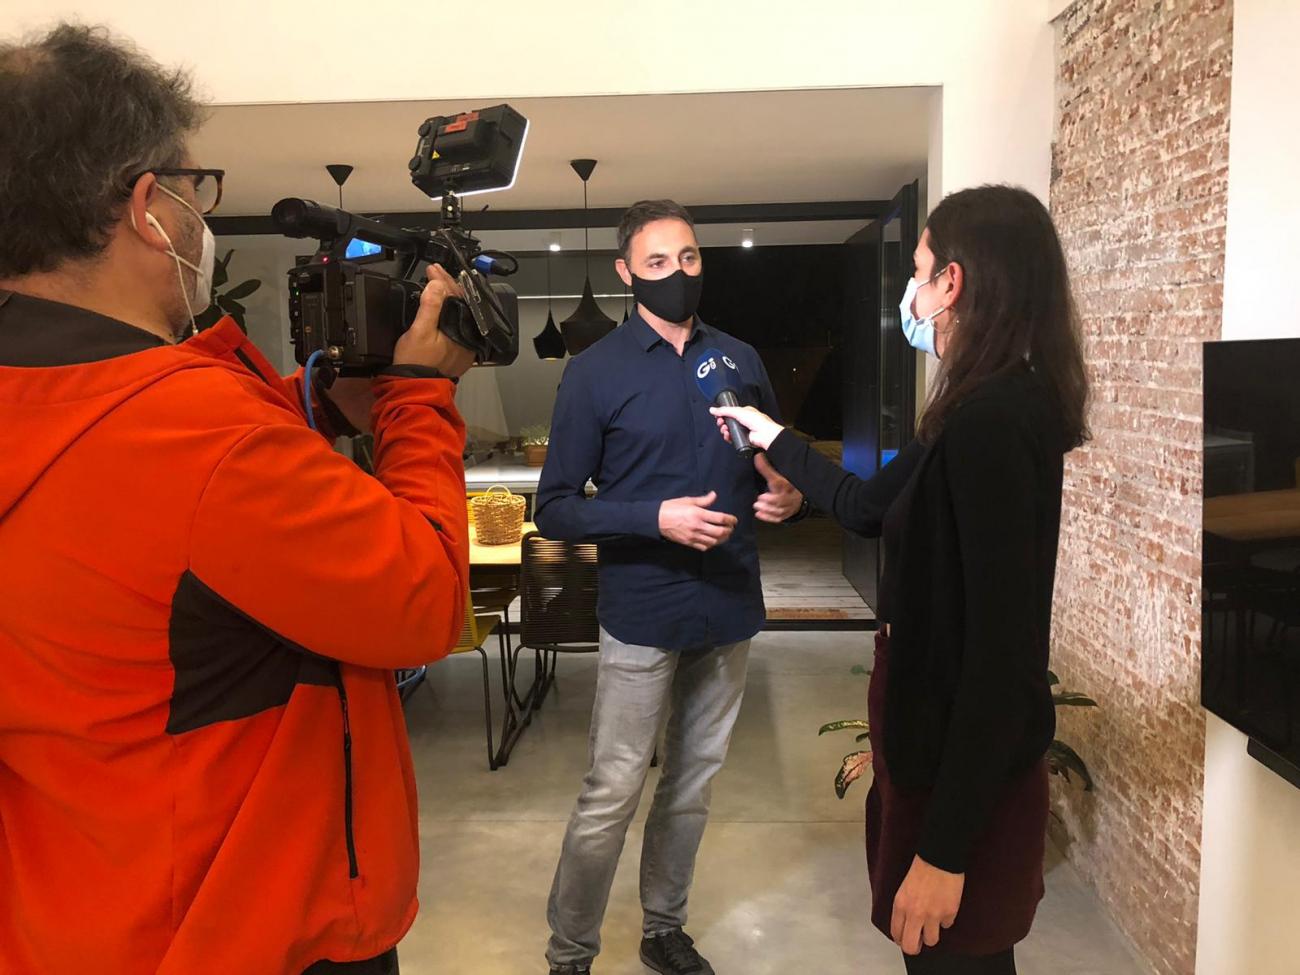 Avui ens han fet reportatge en directe al programa Connecti.cat de les TV locals de Catalunya